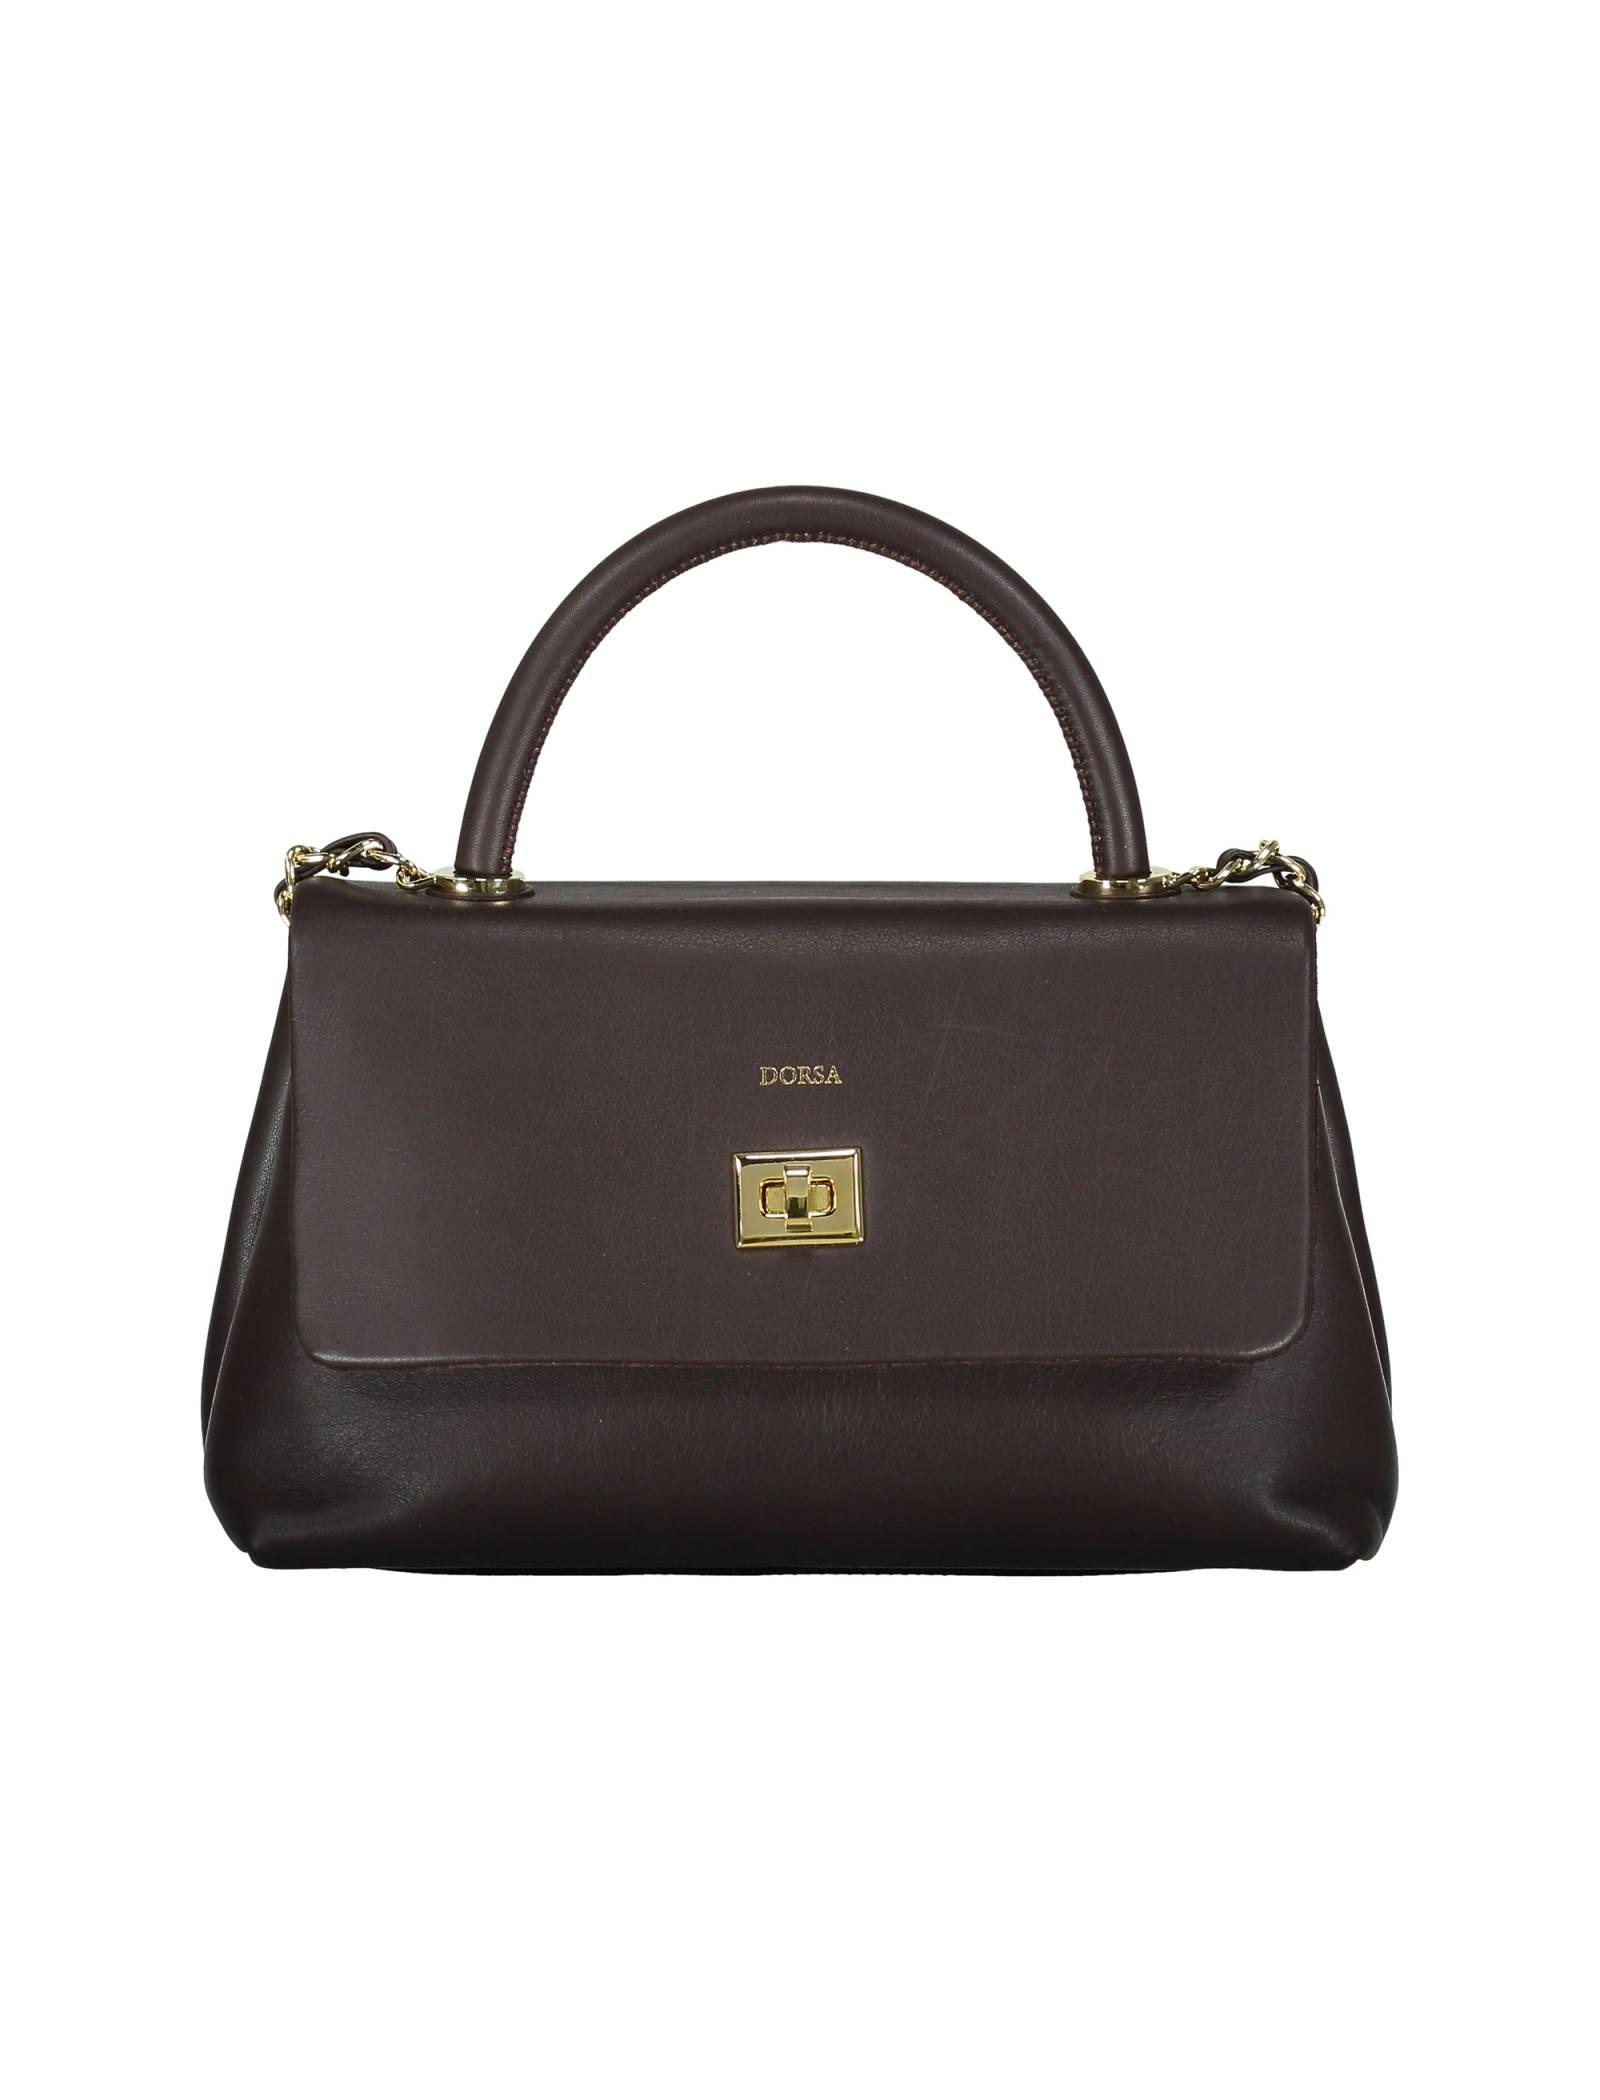 کیف دستی چرم روزمره زنانه - درسا - قهوه اي - 1